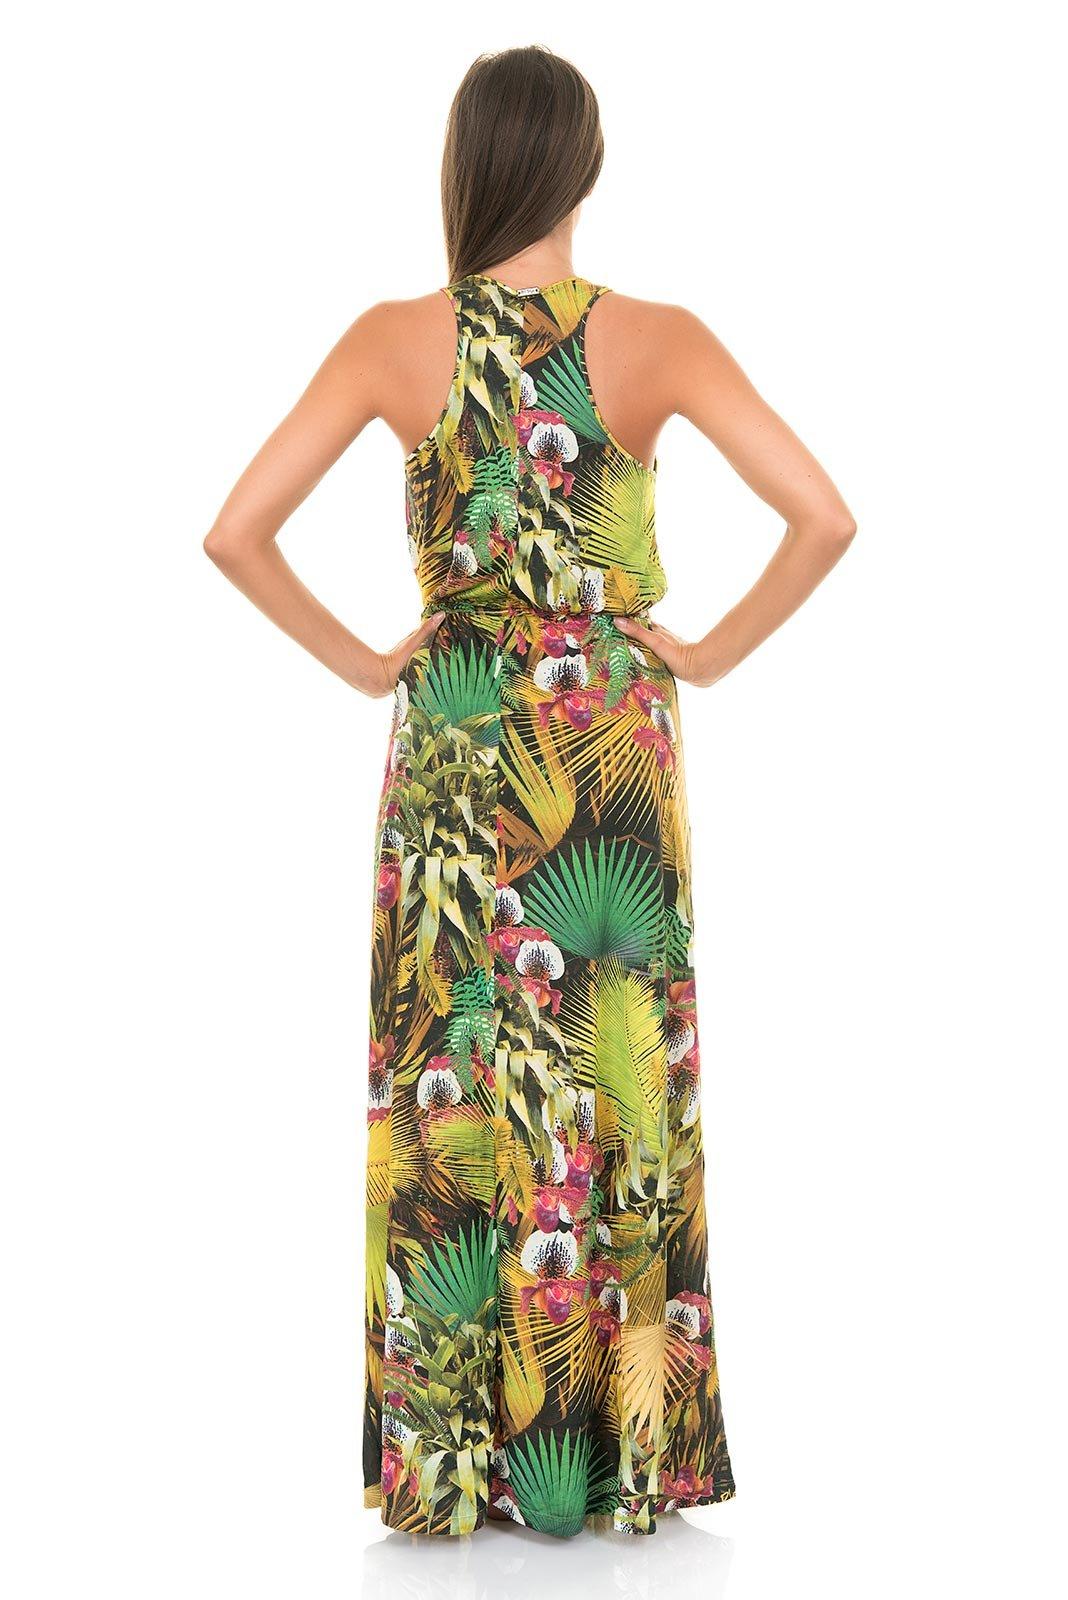 strandjurk jurken